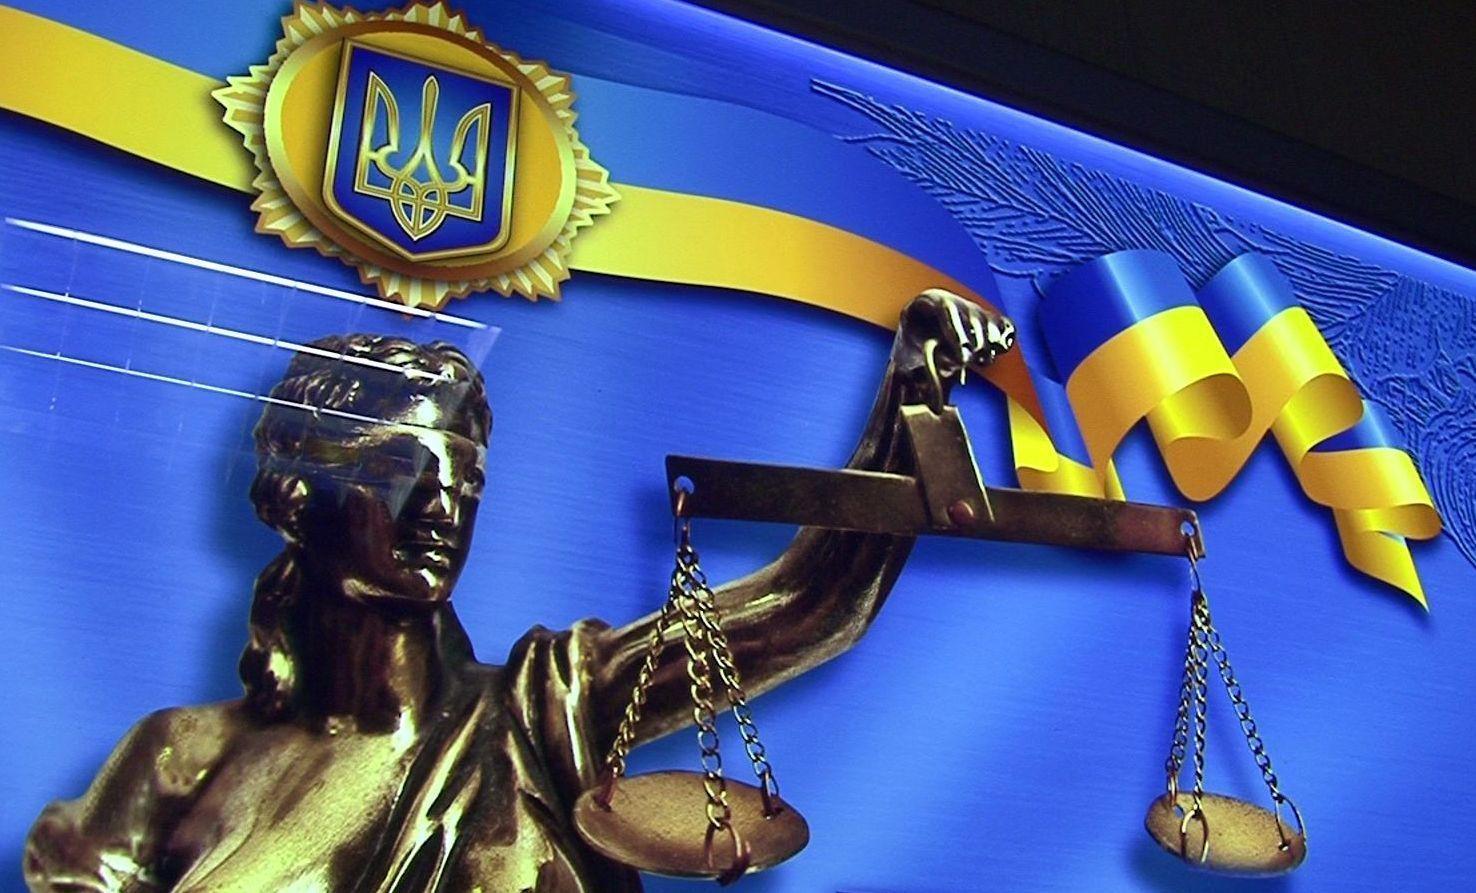 Суд столицы Украины приговорил к 8-ми годам тюрьмы офицера русской армии